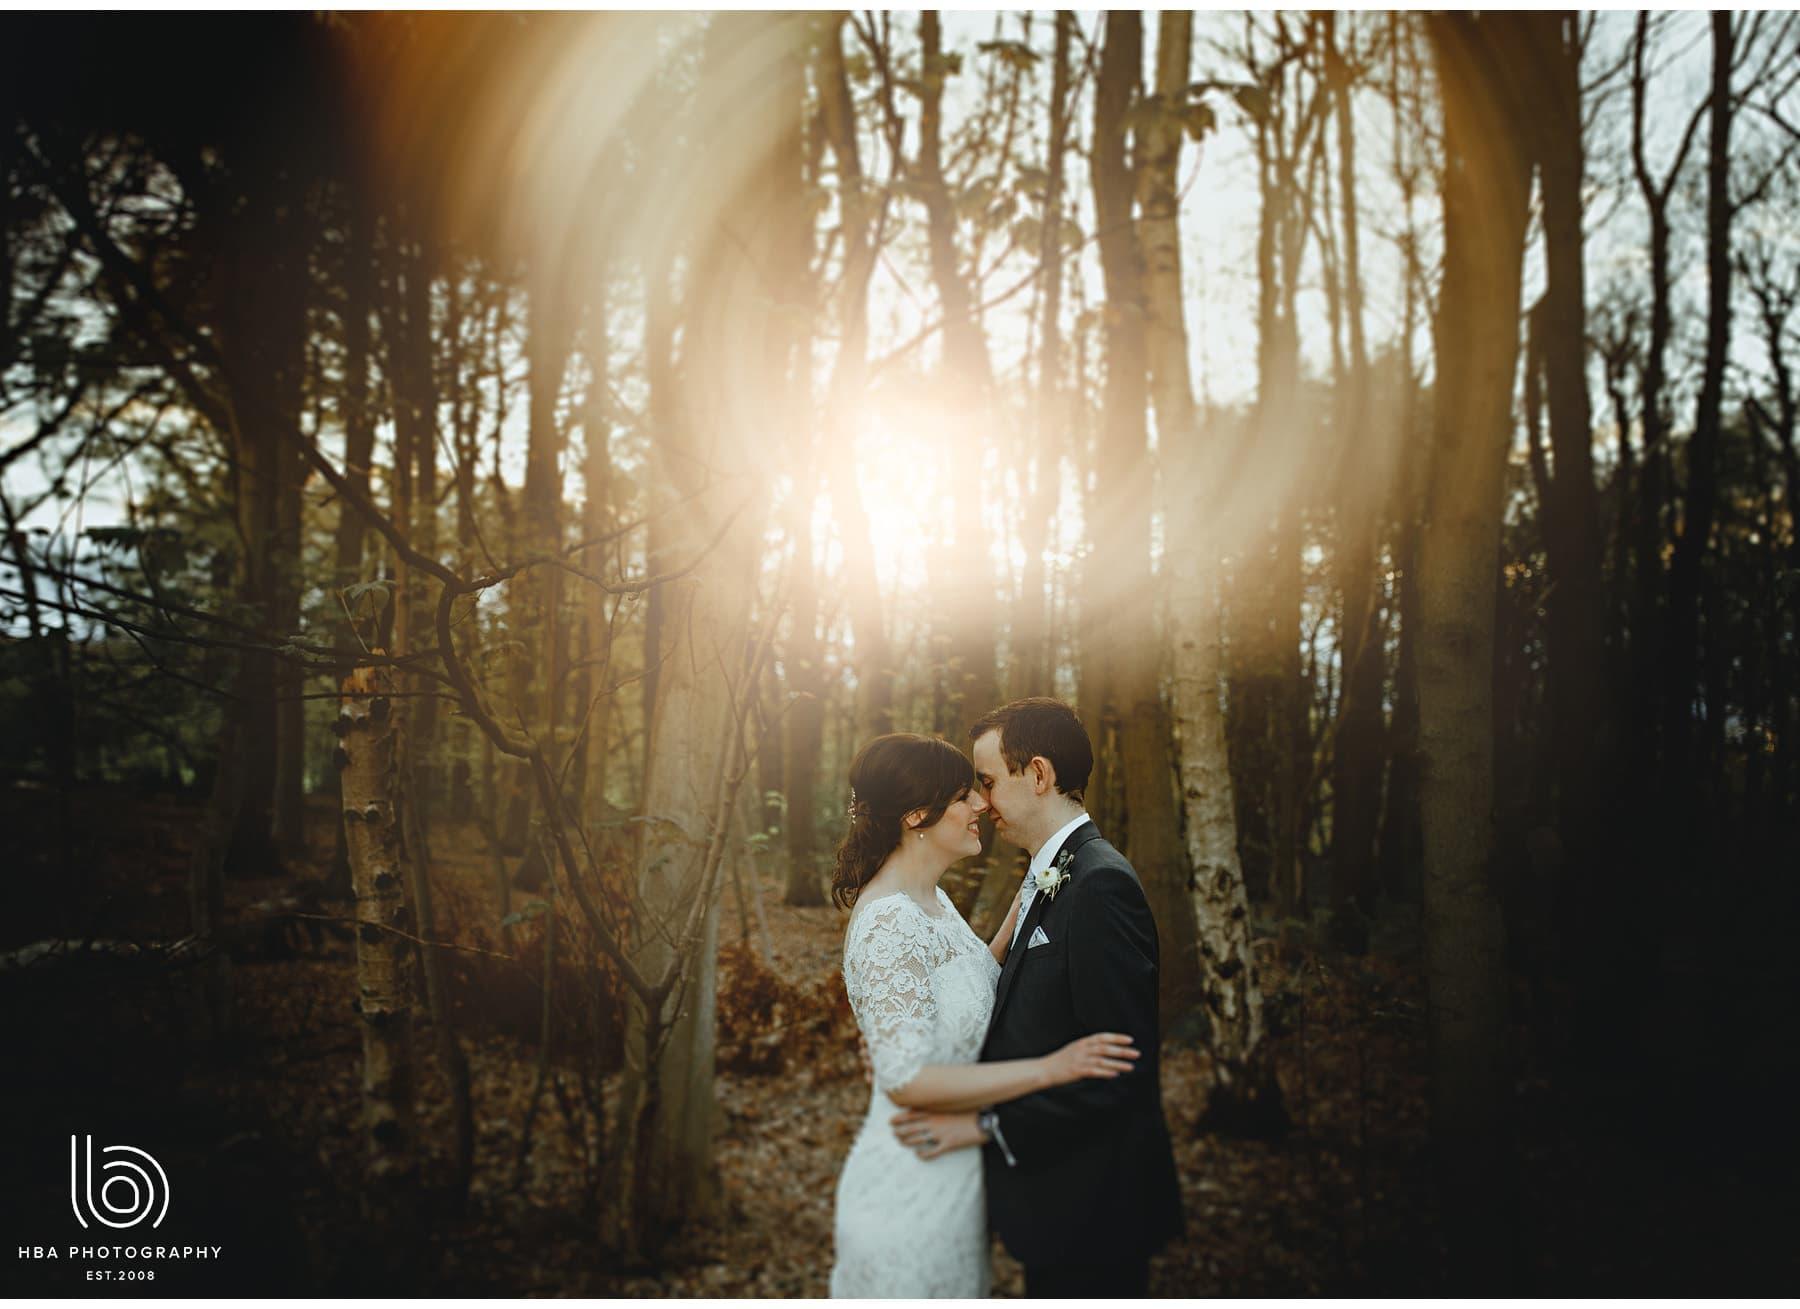 the bride & groom in the woods in golden hour